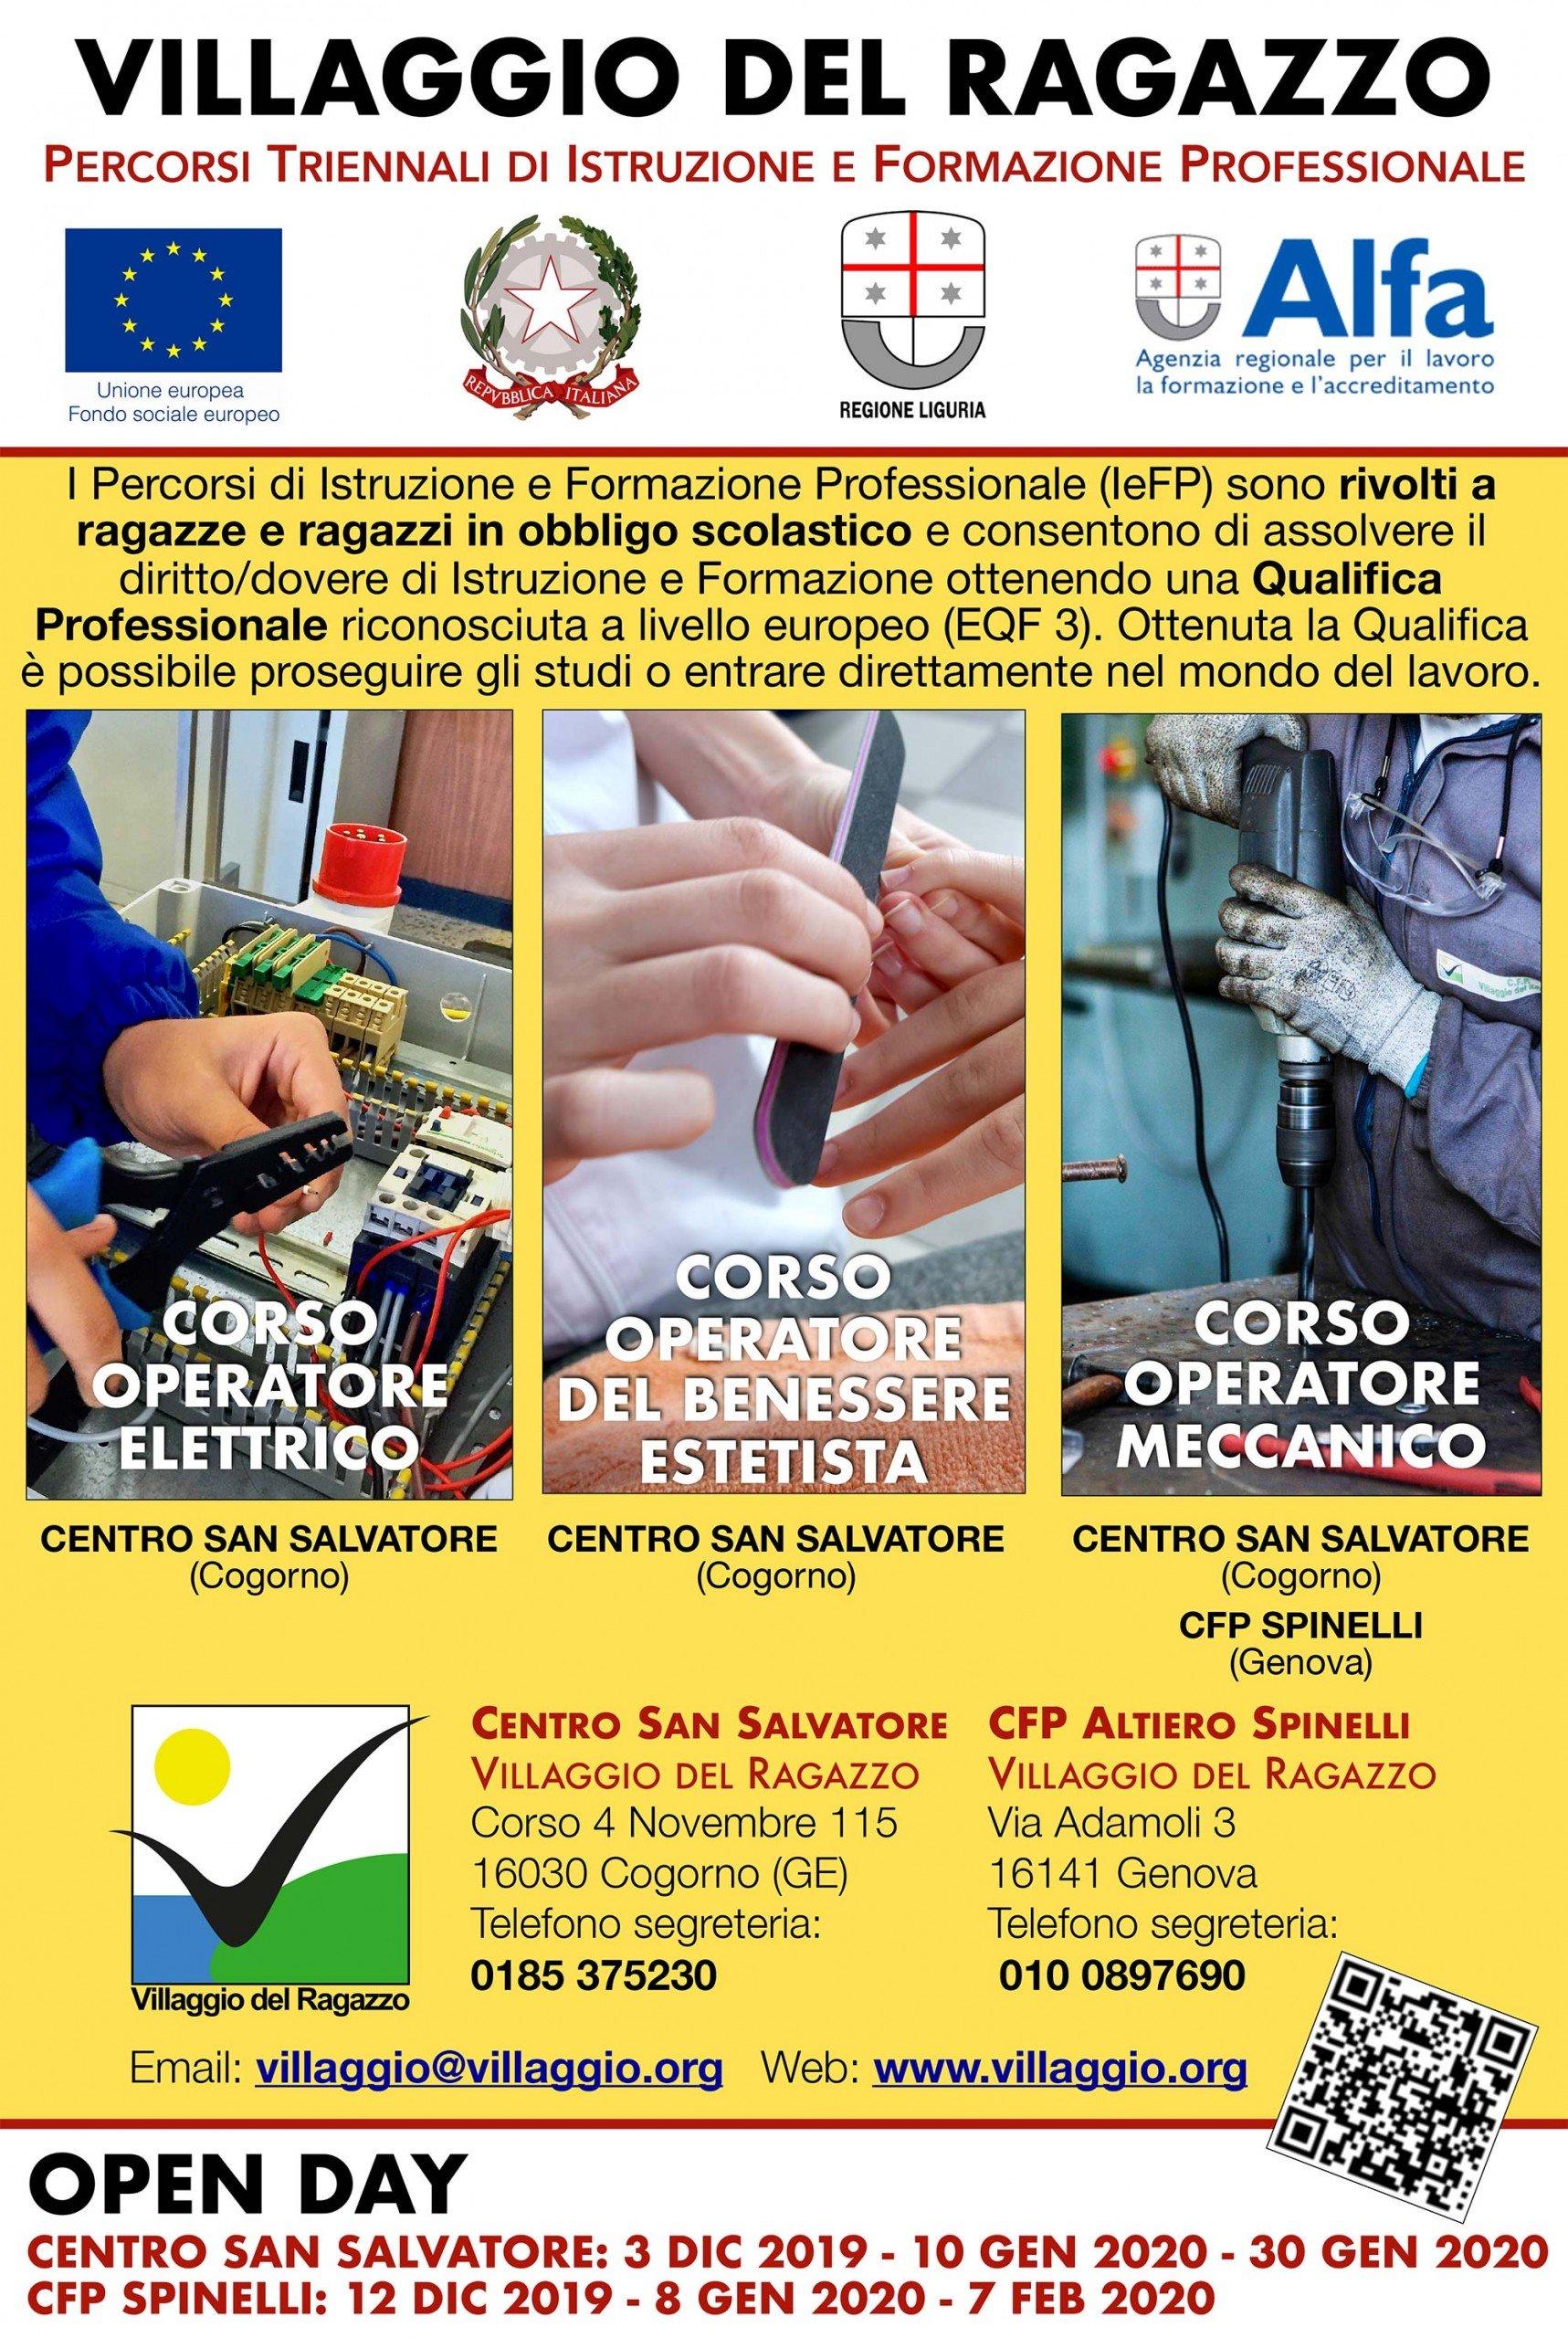 Martedì 3 dicembre 2019 Open Day Formazione Professionale al Centro San Salvatore – Villaggio del Ragazzo